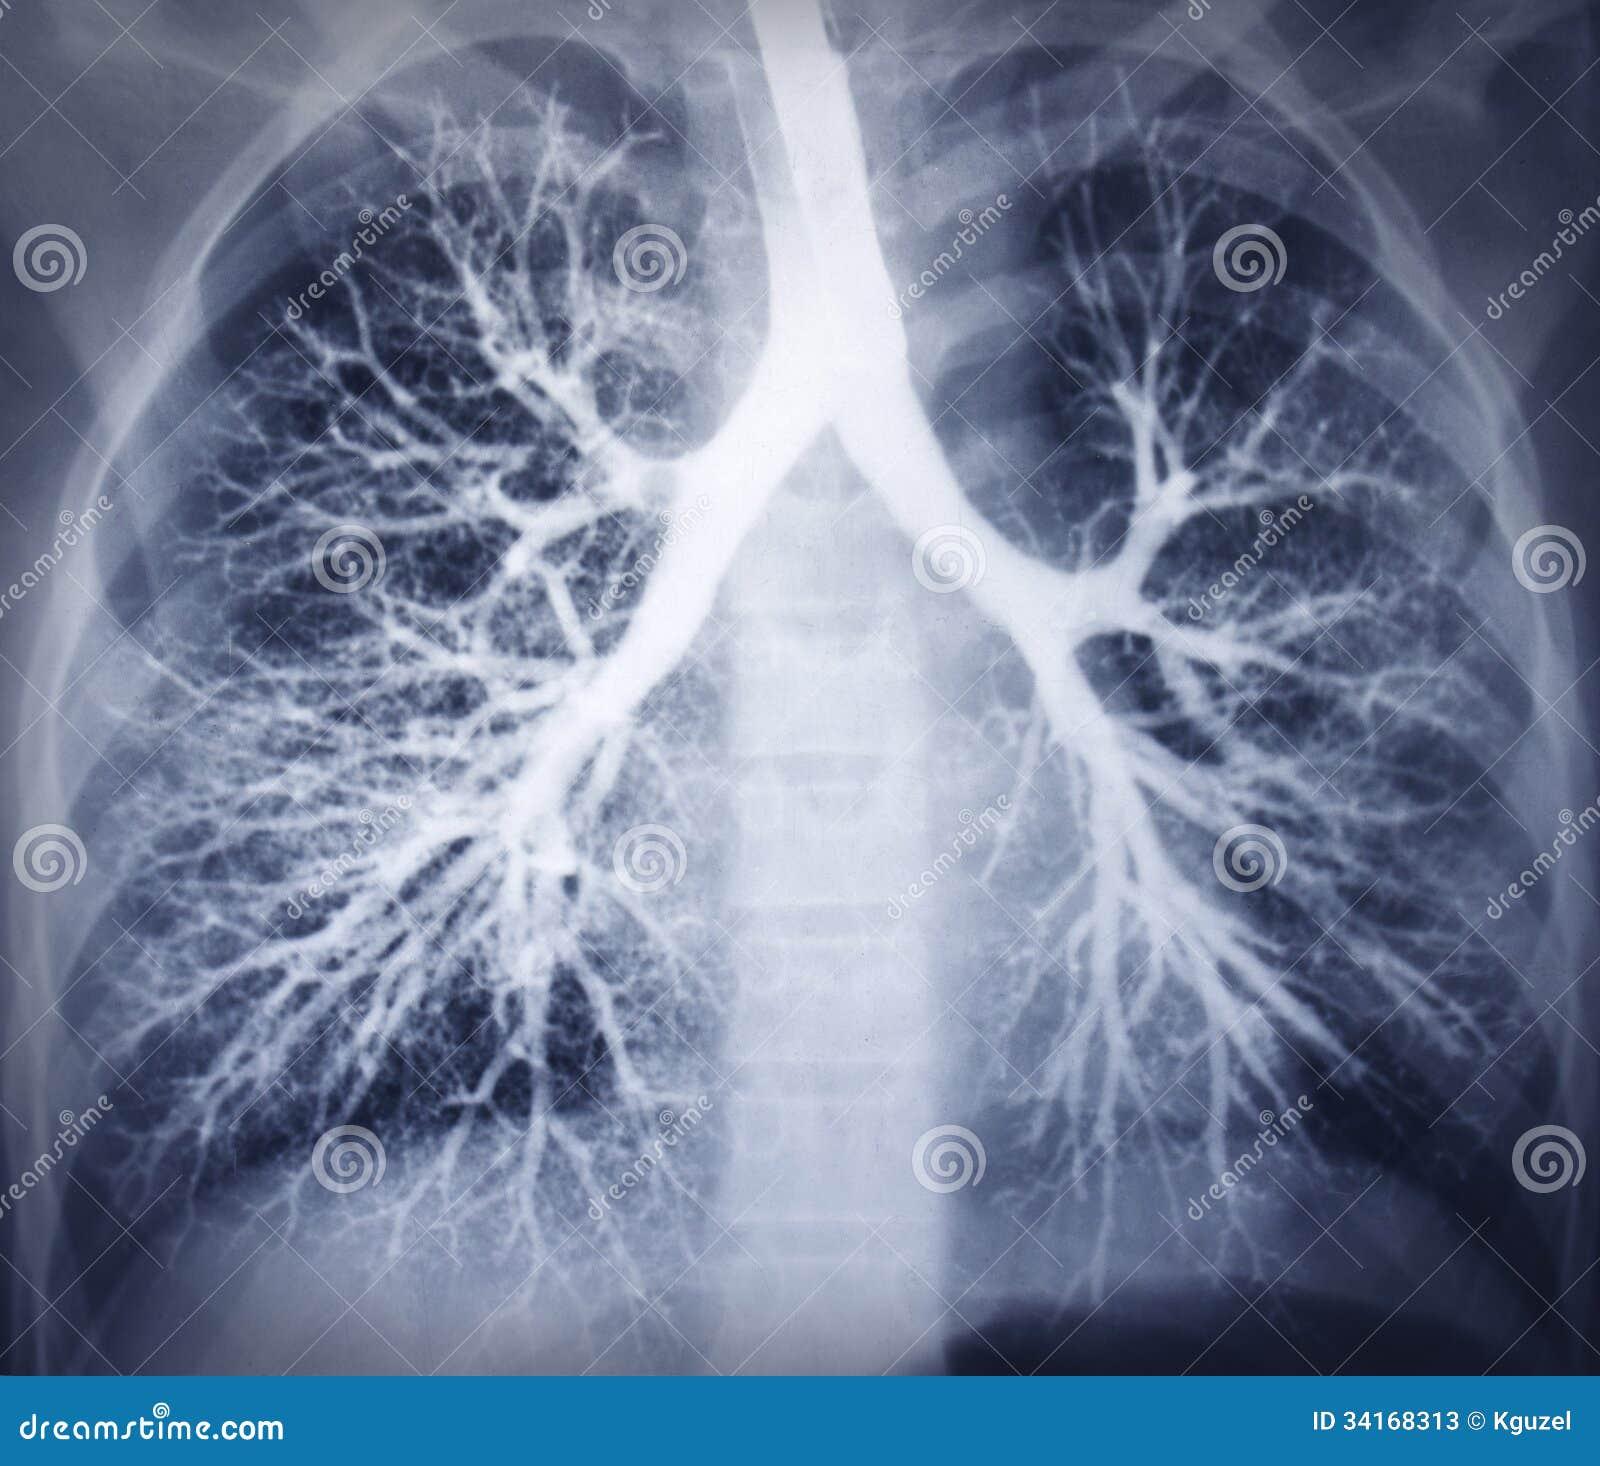 Imagem do Bronchoscopy. Raio X de caixa. Pulmões saudáveis